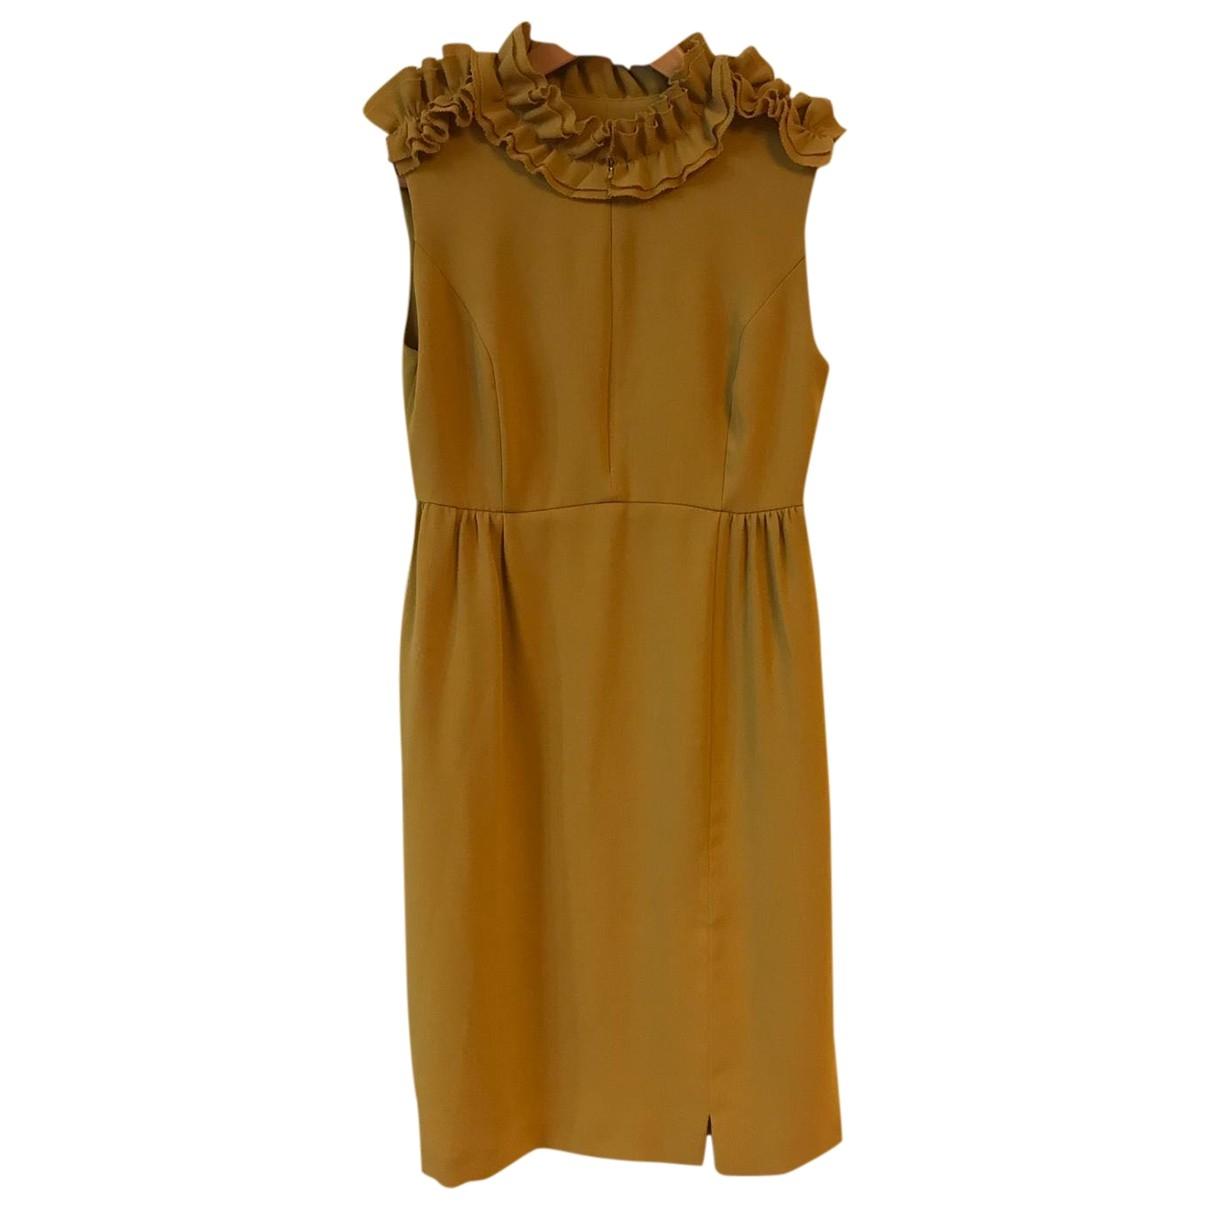 Dice Kayek \N Kleid in  Gelb Polyester